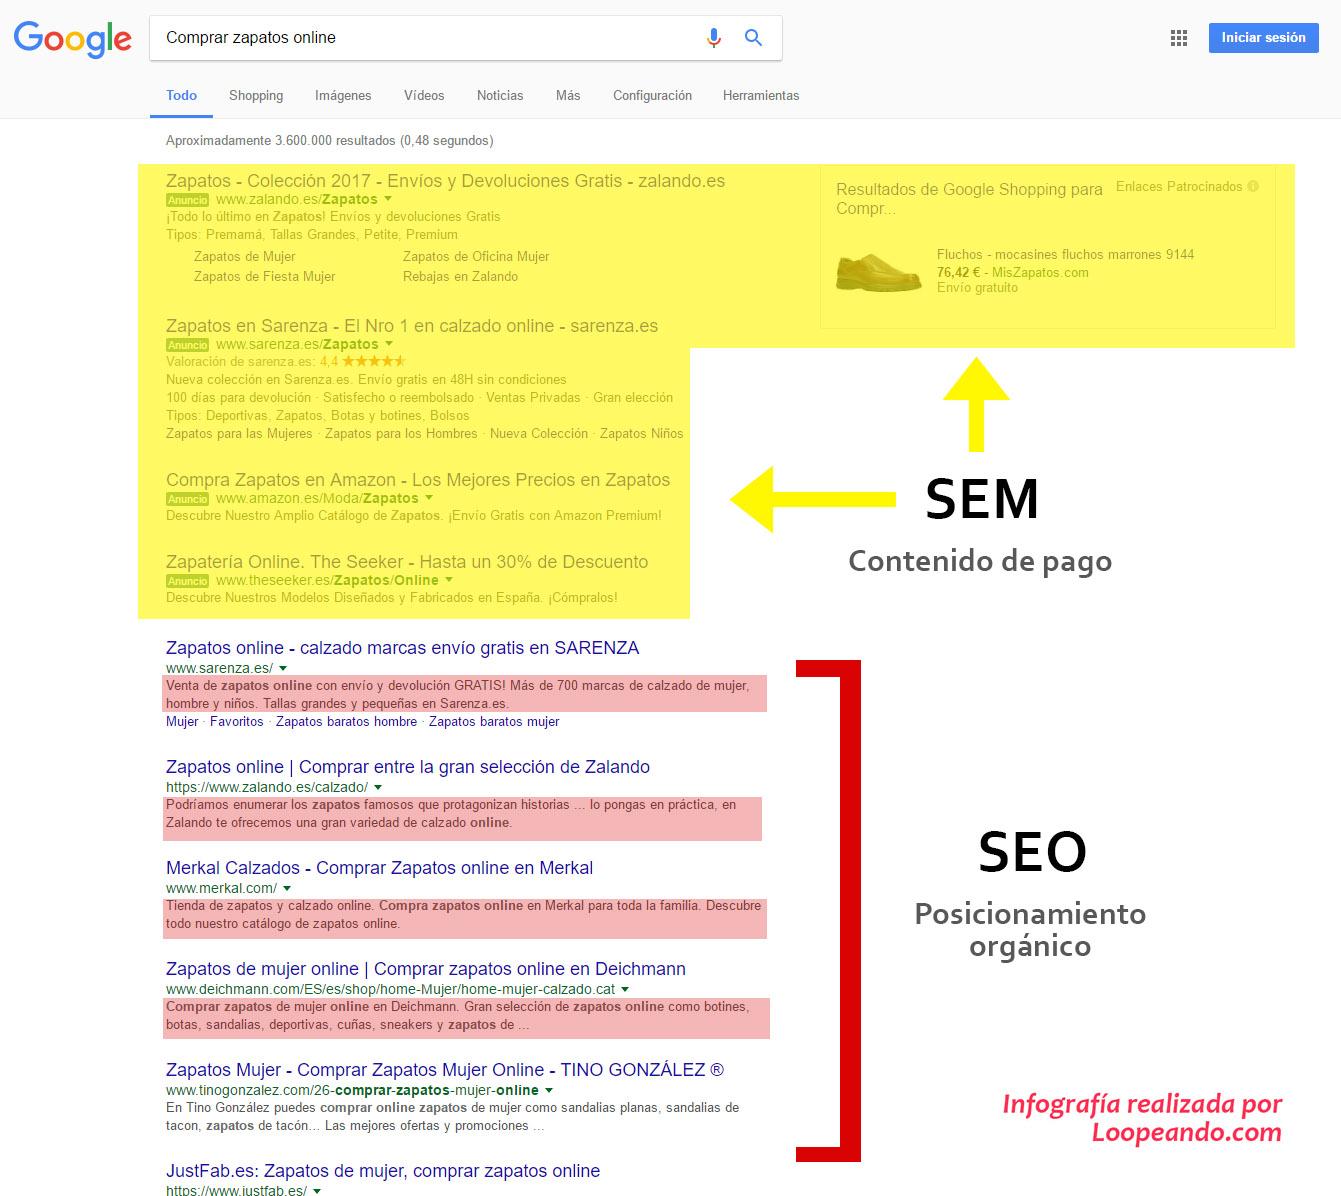 """Resultados de Google para la búsqueda """"Comprar zapatos online"""". Resultados de pago (SEM) y orgánicos (SEO). Destacadas en rojo las entradillas."""